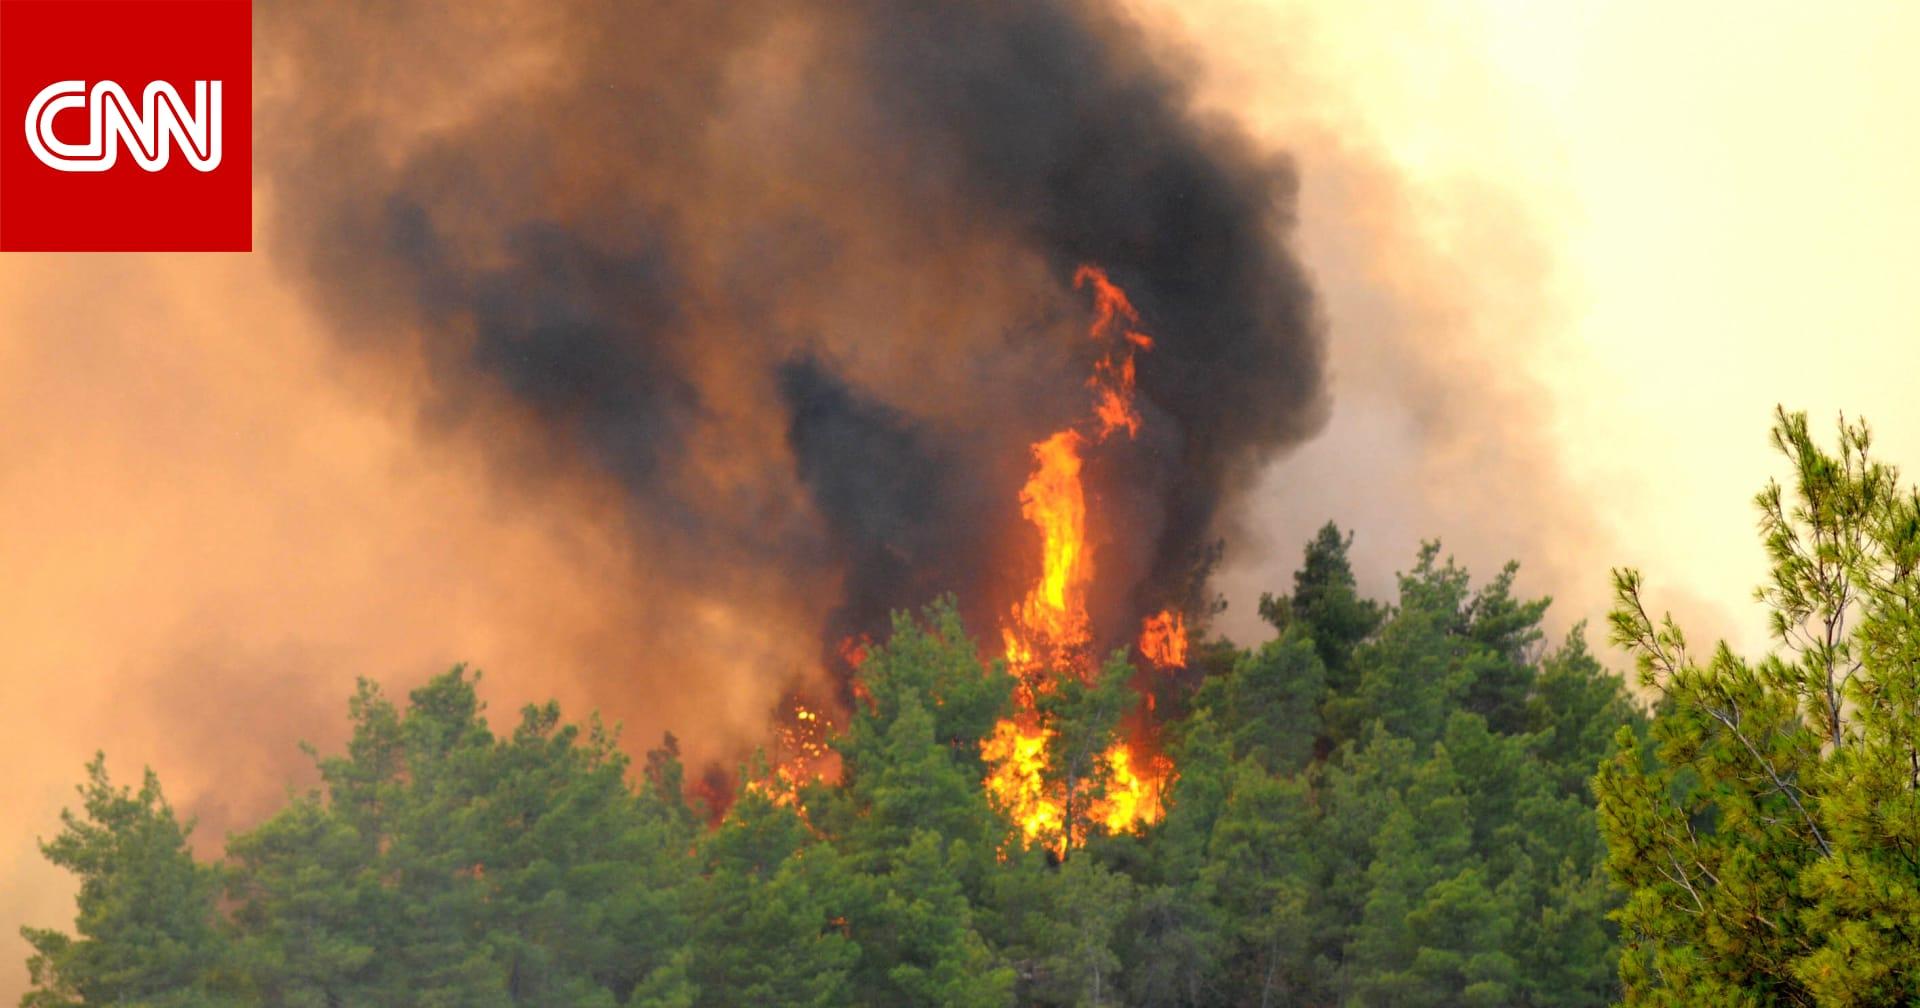 حريق ضخم في منطقة الغابات جنوب تركيا يجبر السكان على الإخلاء